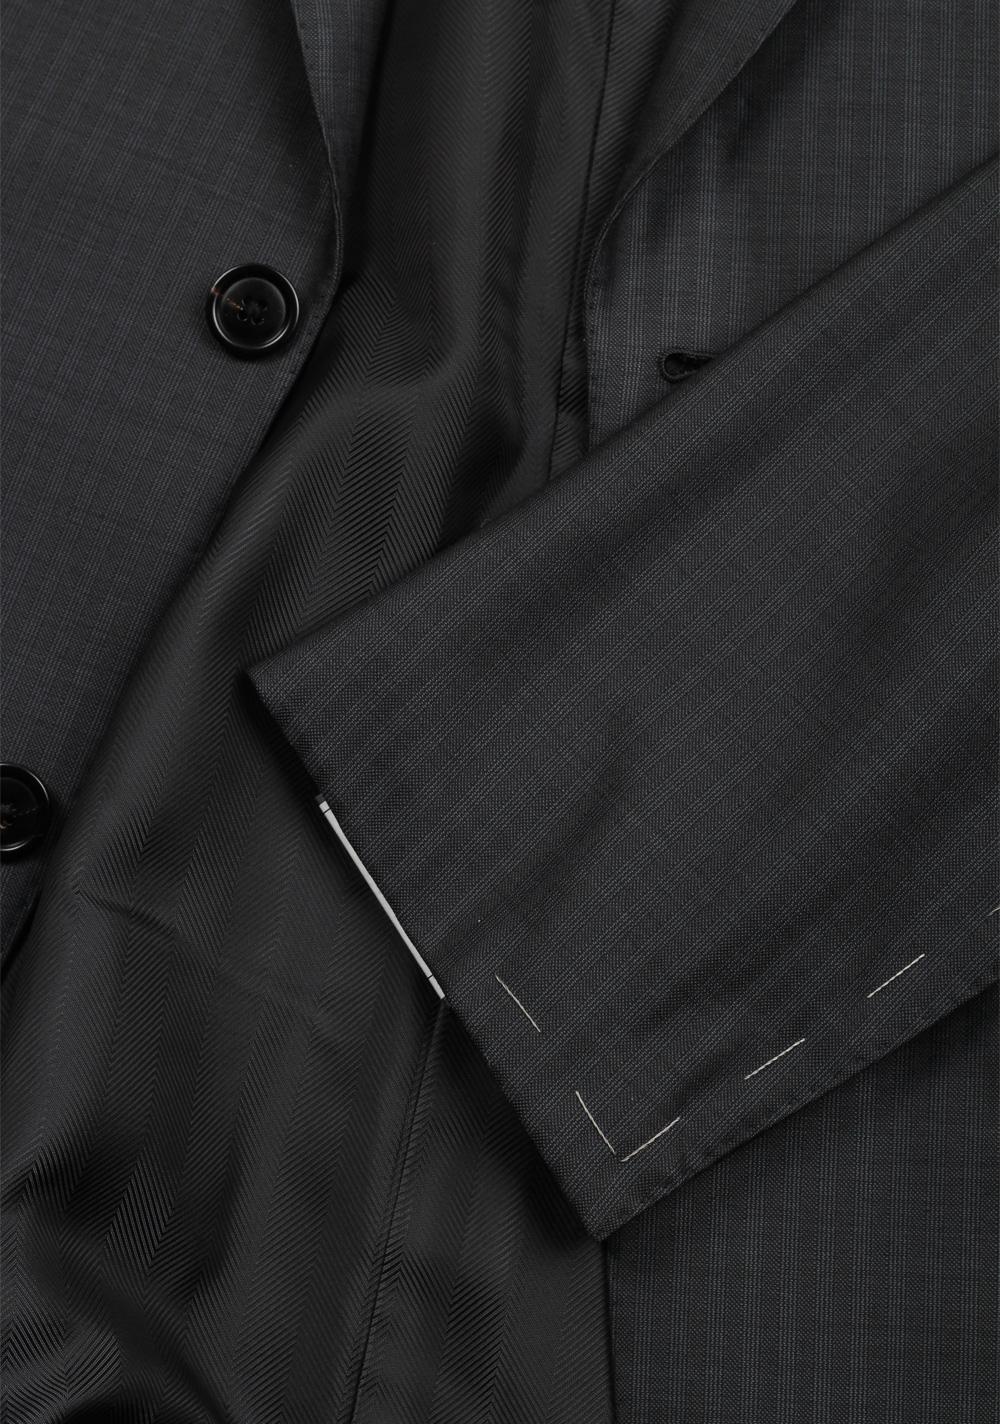 Ermenegildo Zegna Premium Couture Gray Suit Size 46 / 36R U.S. | Costume Limité